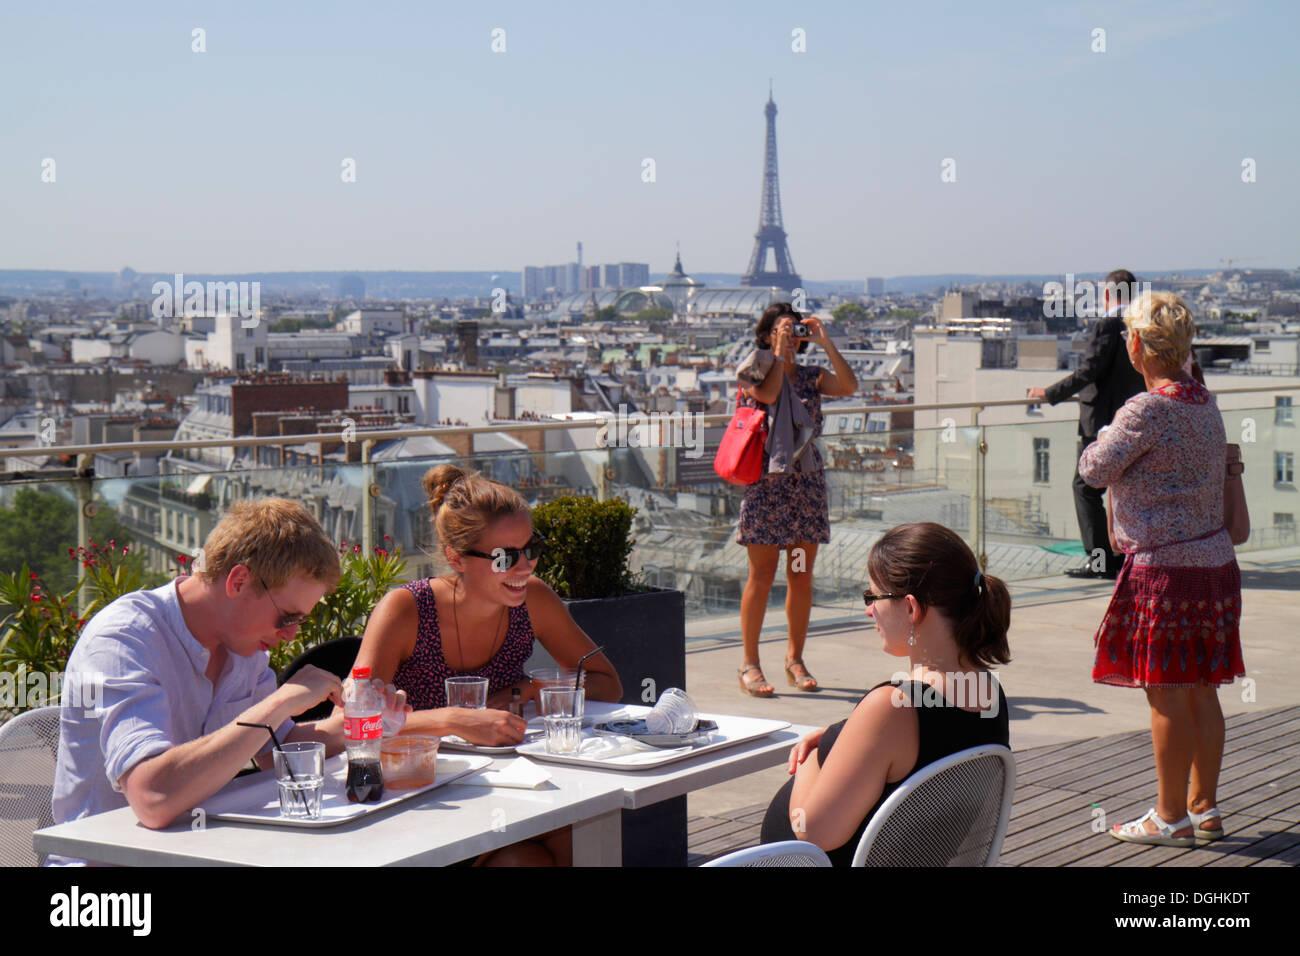 Paris France Europe French 9th arrondissement Boulevard Haussmann Au Printemps department store rooftop terrace city skyline vie - Stock Image